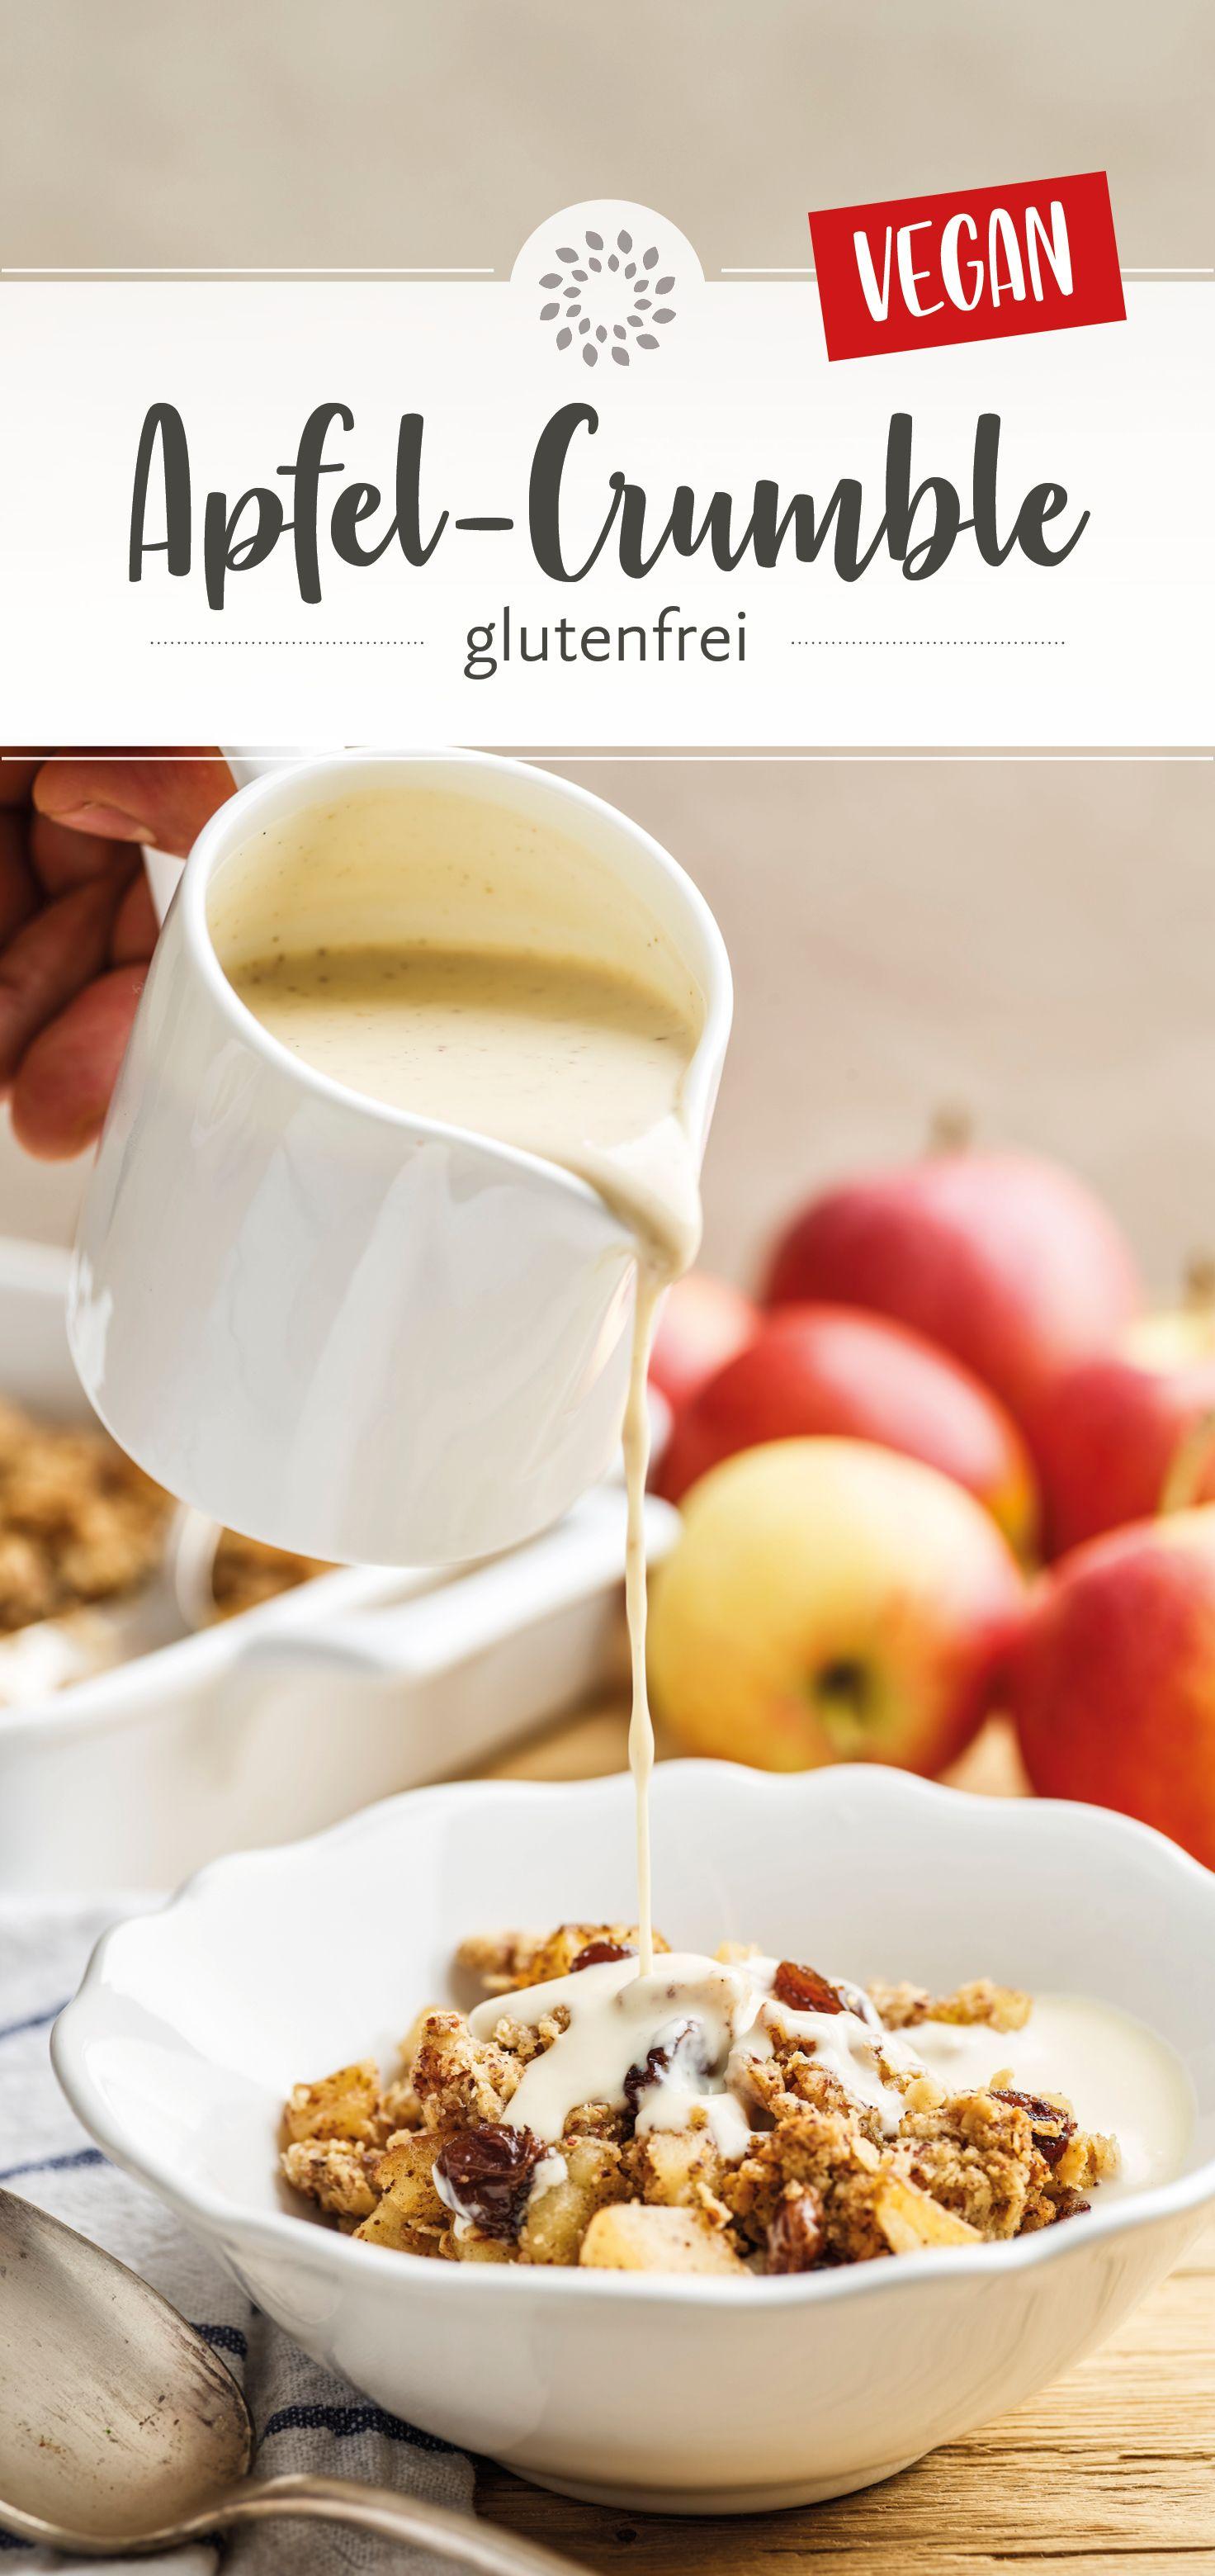 Dieser wahrlich köstliche Apfel-Crumble kommt im Gegensatz zu herkömmlichen Rezepturen ganz ohne Mehl und mit nur halb soviel Zucker und Fett aus. Und dennoch steht er dem Original geschmacklich in Nichts nach – überzeugt Euch selbst!  #apfel #crumble #glutenfrei